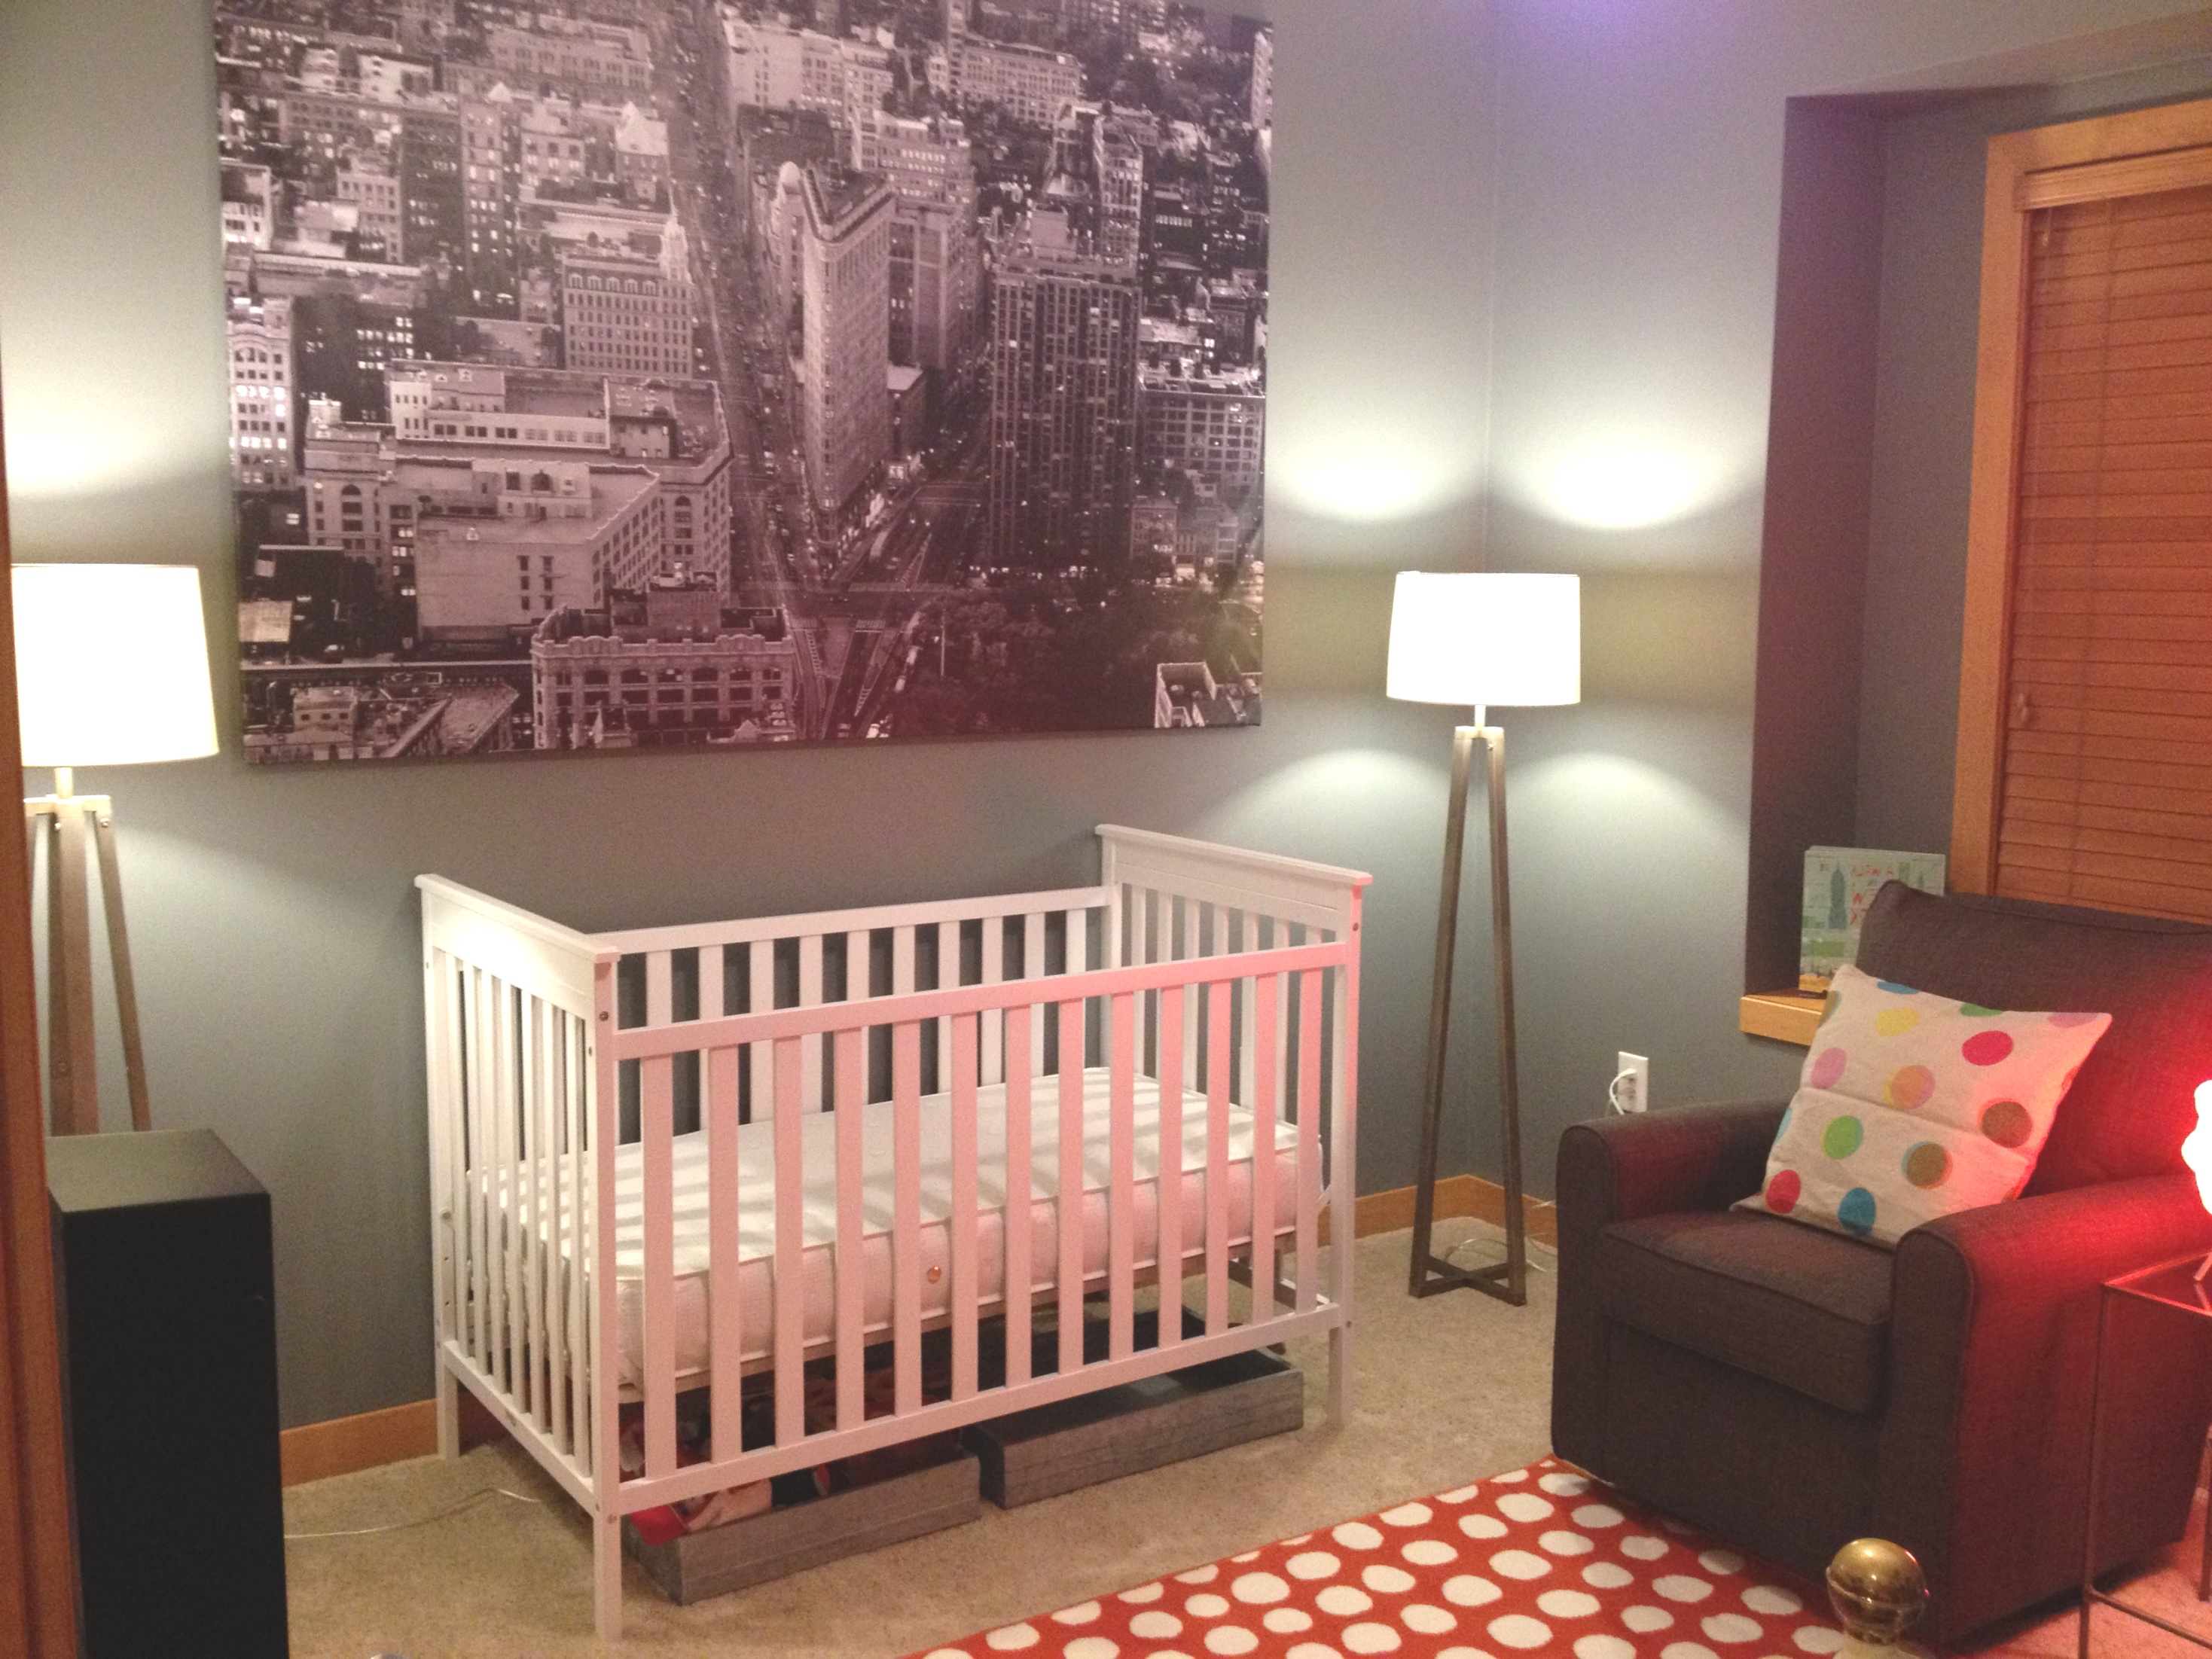 New York City Themed Bedroom Freshsdg